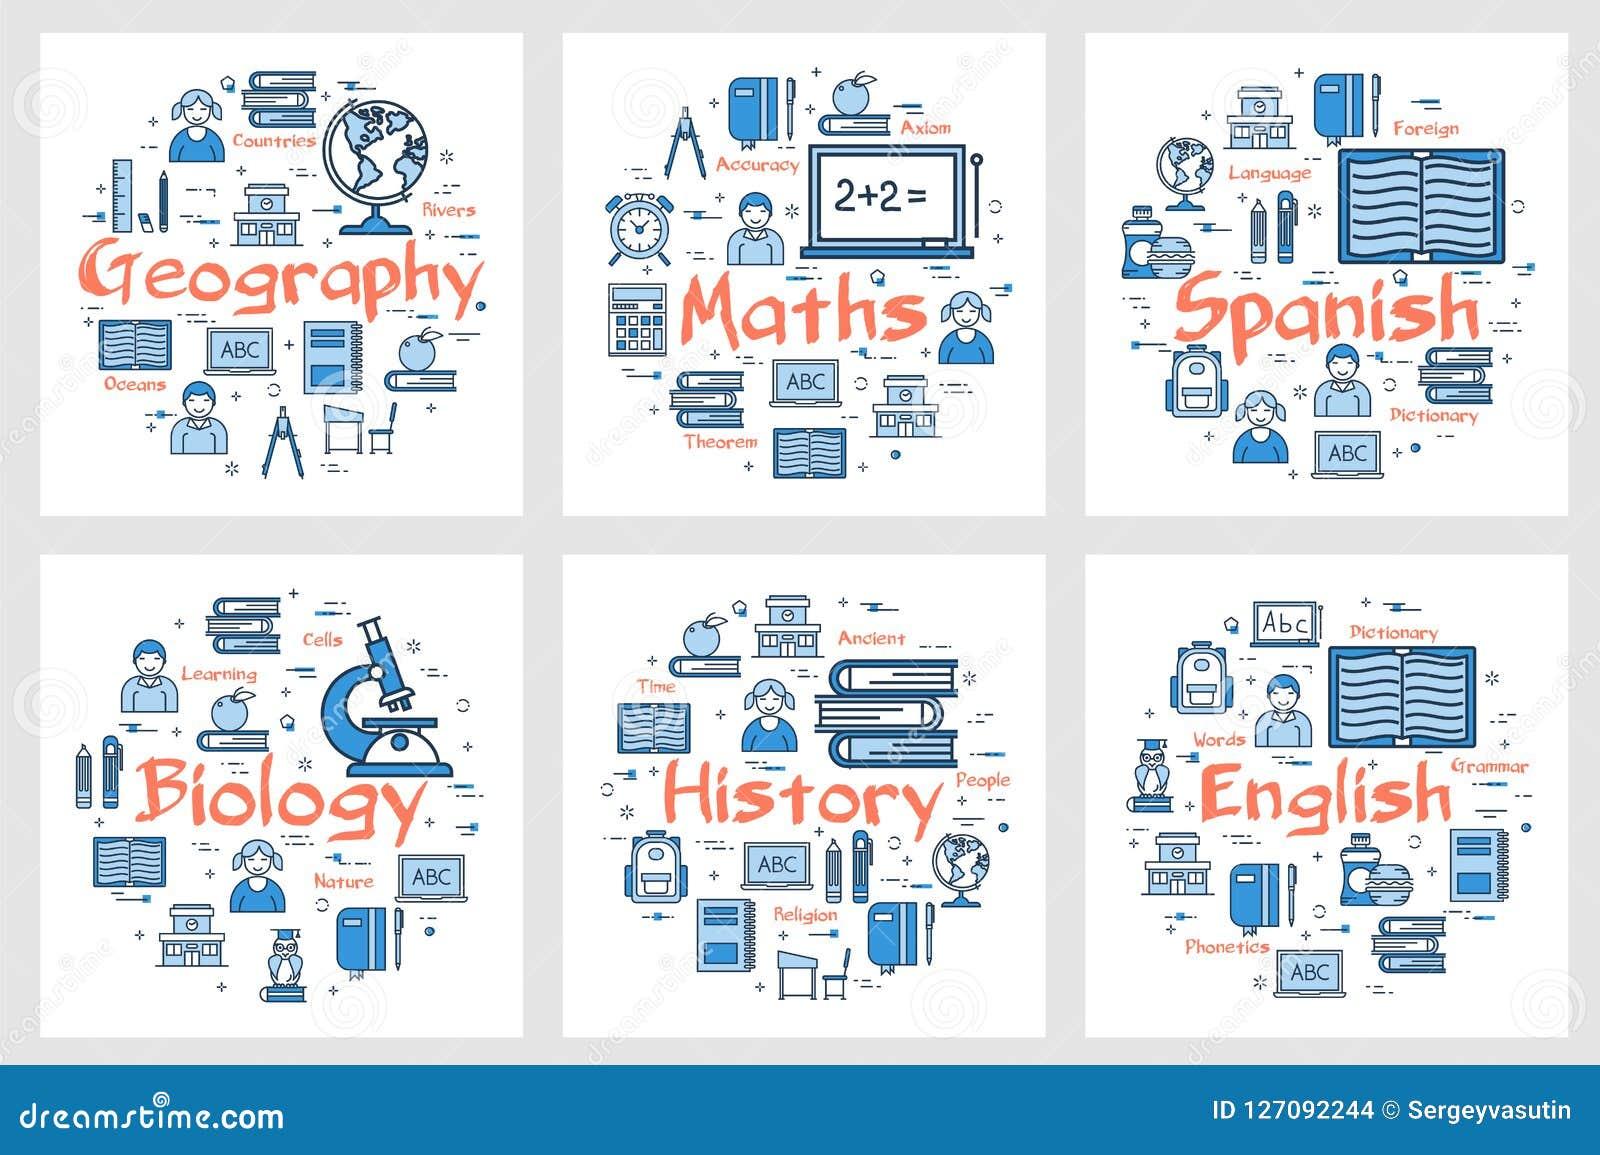 Γεωγραφία, ιστορία, μαθηματικά, γλώσσες και η βιολογία